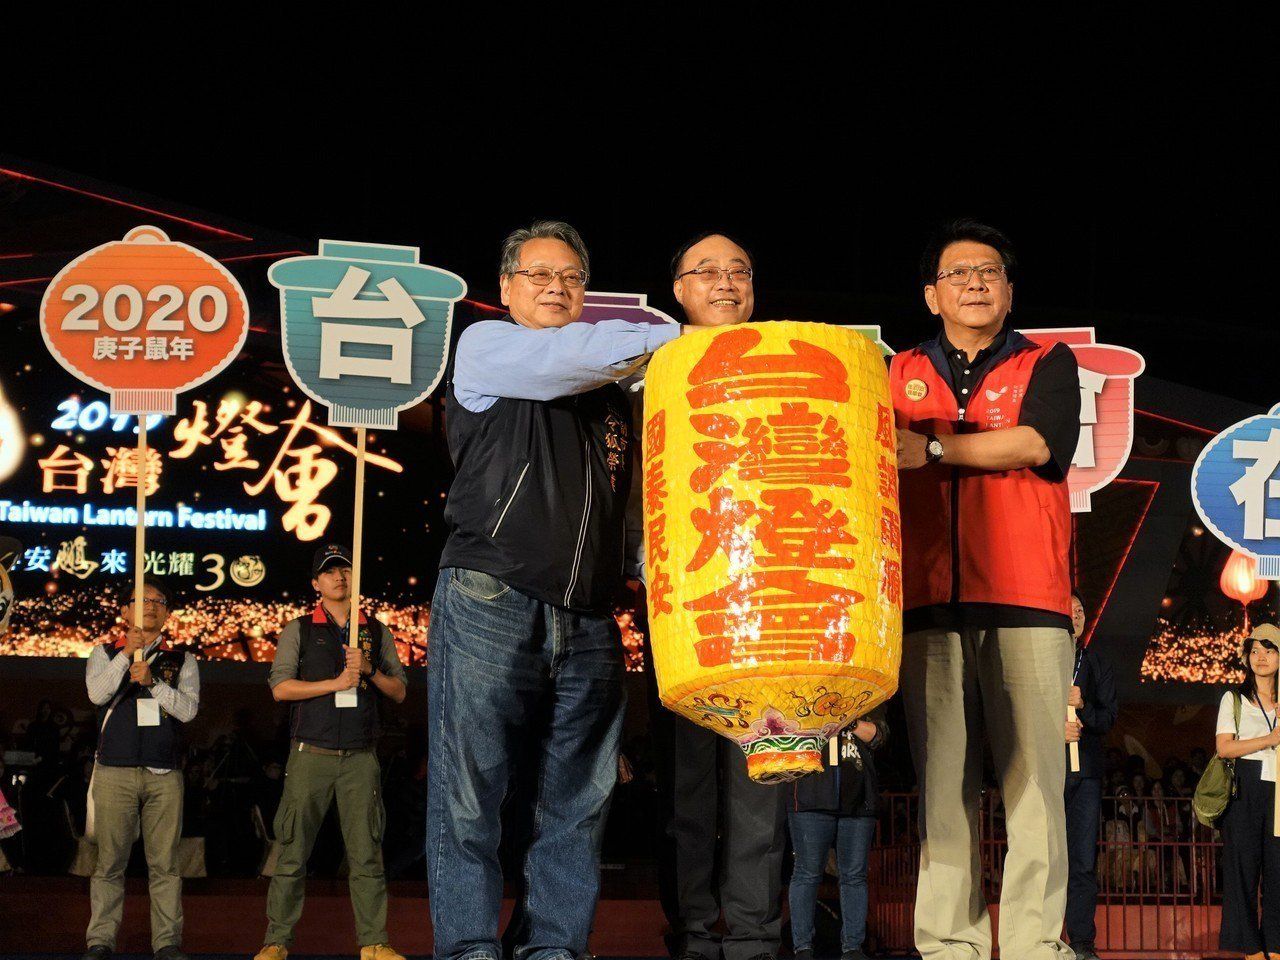 交通部觀光局長周永暉(中)、屏東縣長潘孟安(右)今晚把象徵2020燈會主辦權的傳...